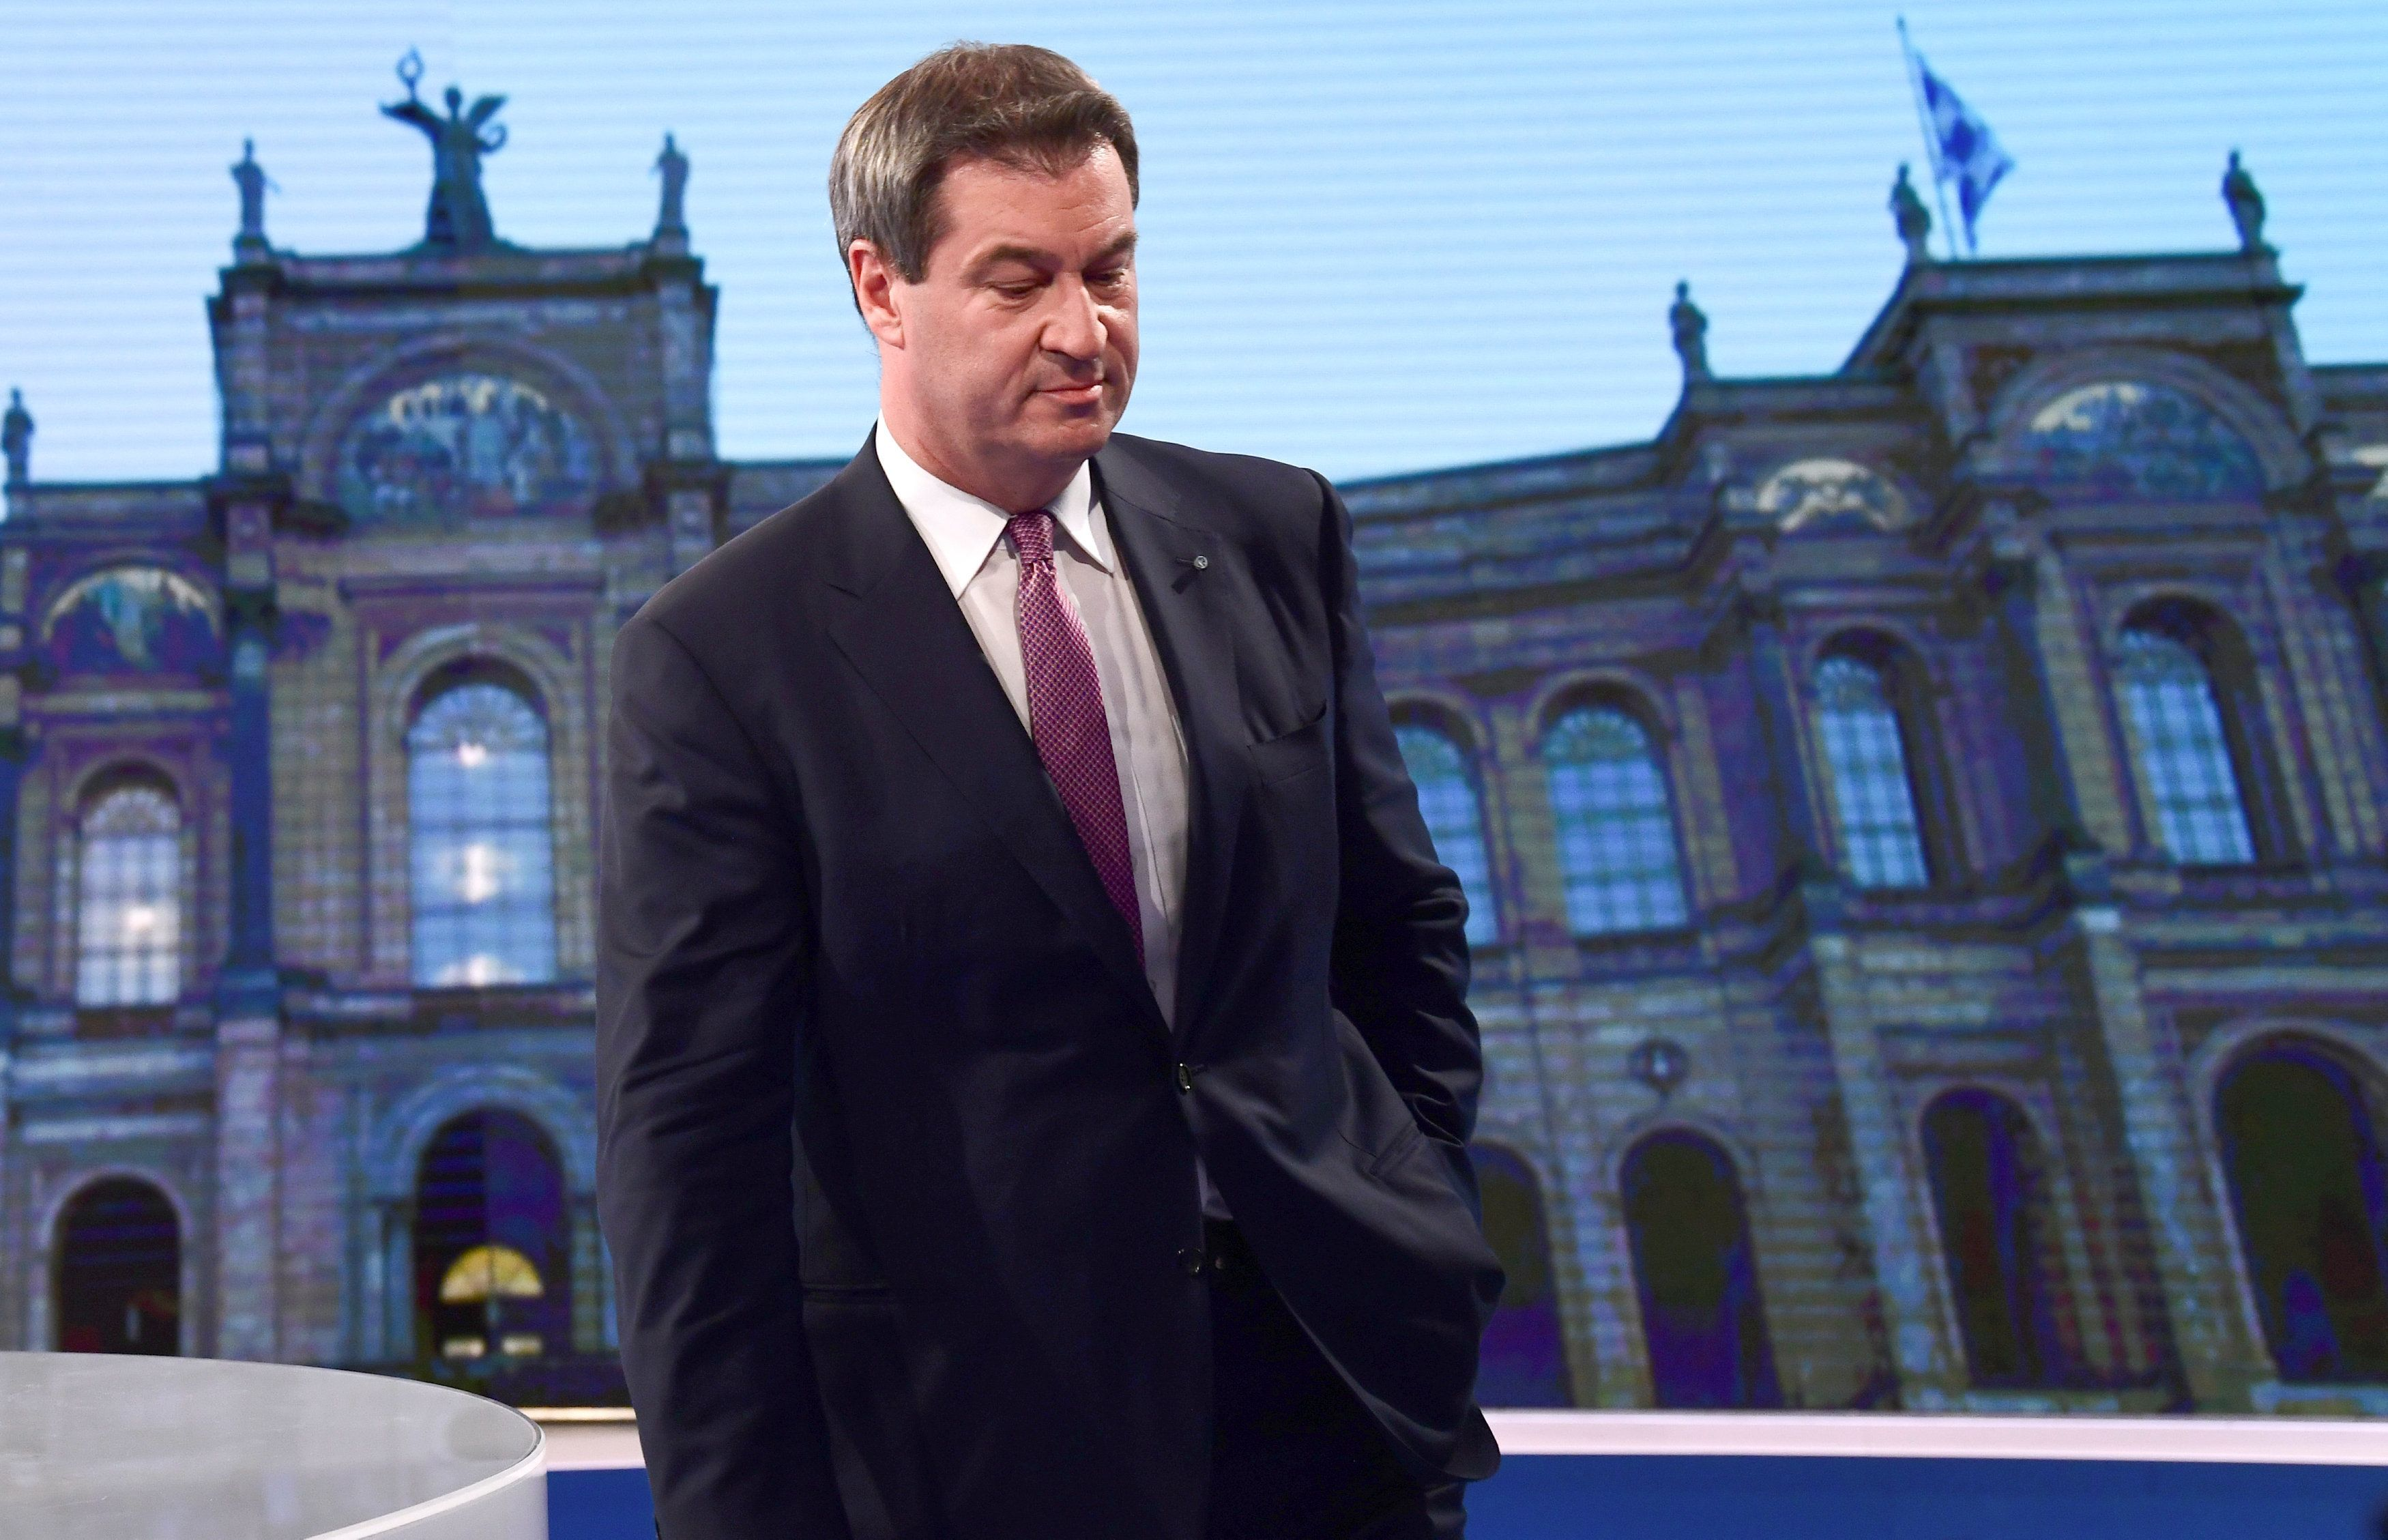 Warum die CSU trotz aller Erfolge bei der Bayernwahl gescheitert